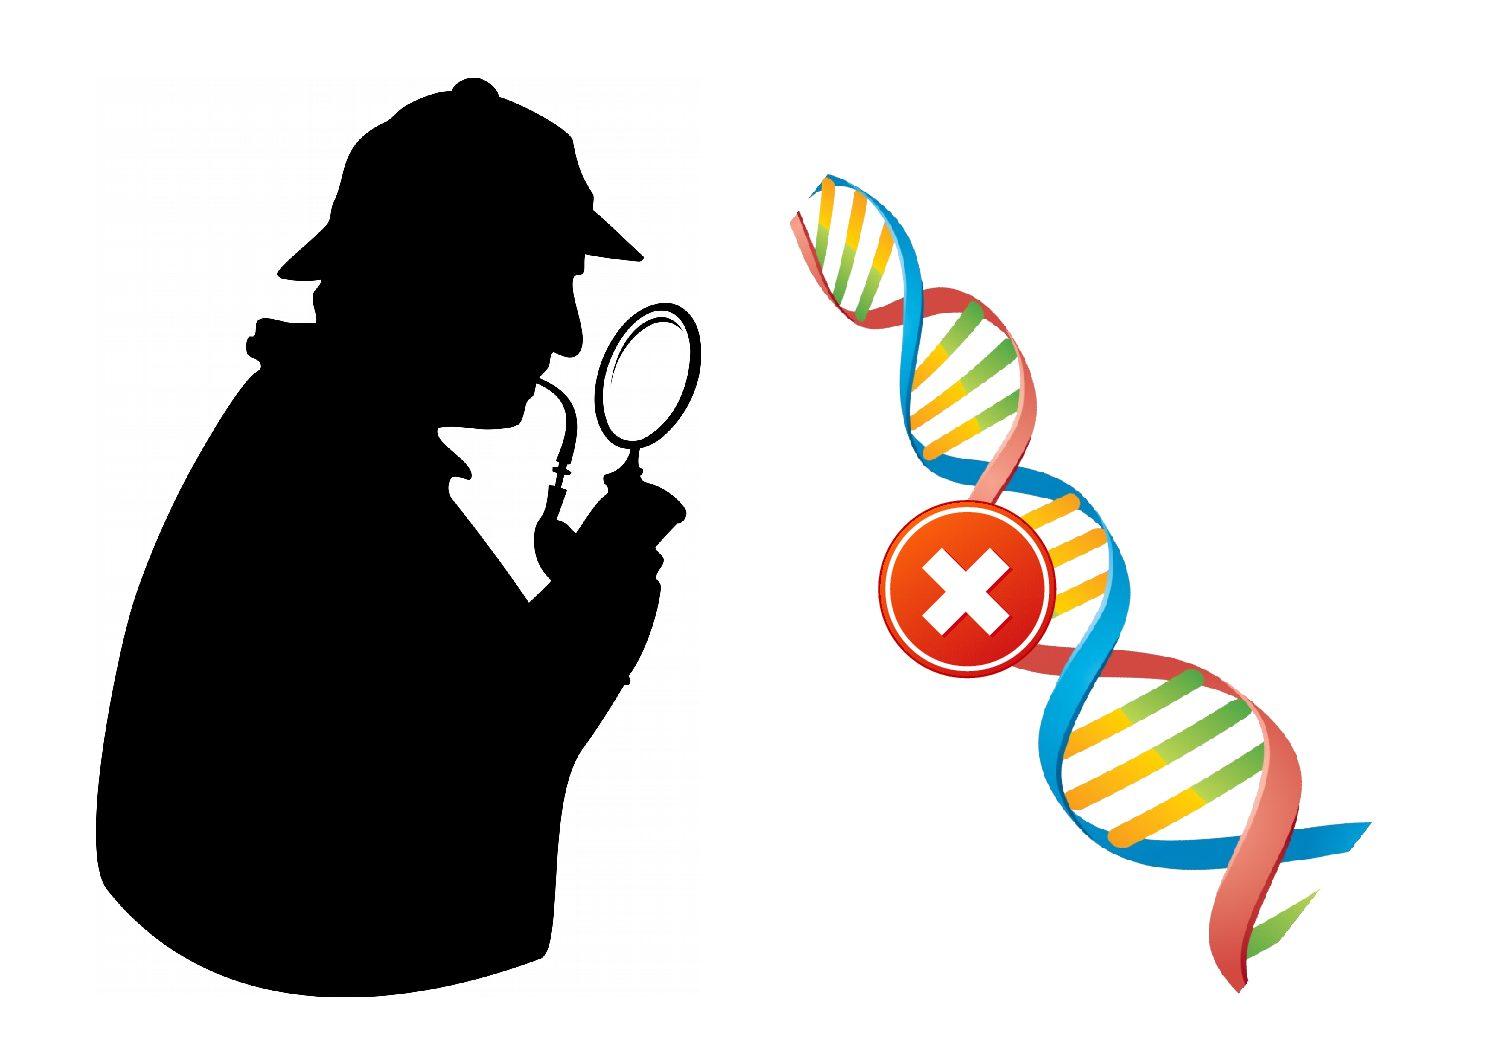 「「がんゲノム医療」における「がん免疫療法」の位置づけ Vol.12」記事内の画像